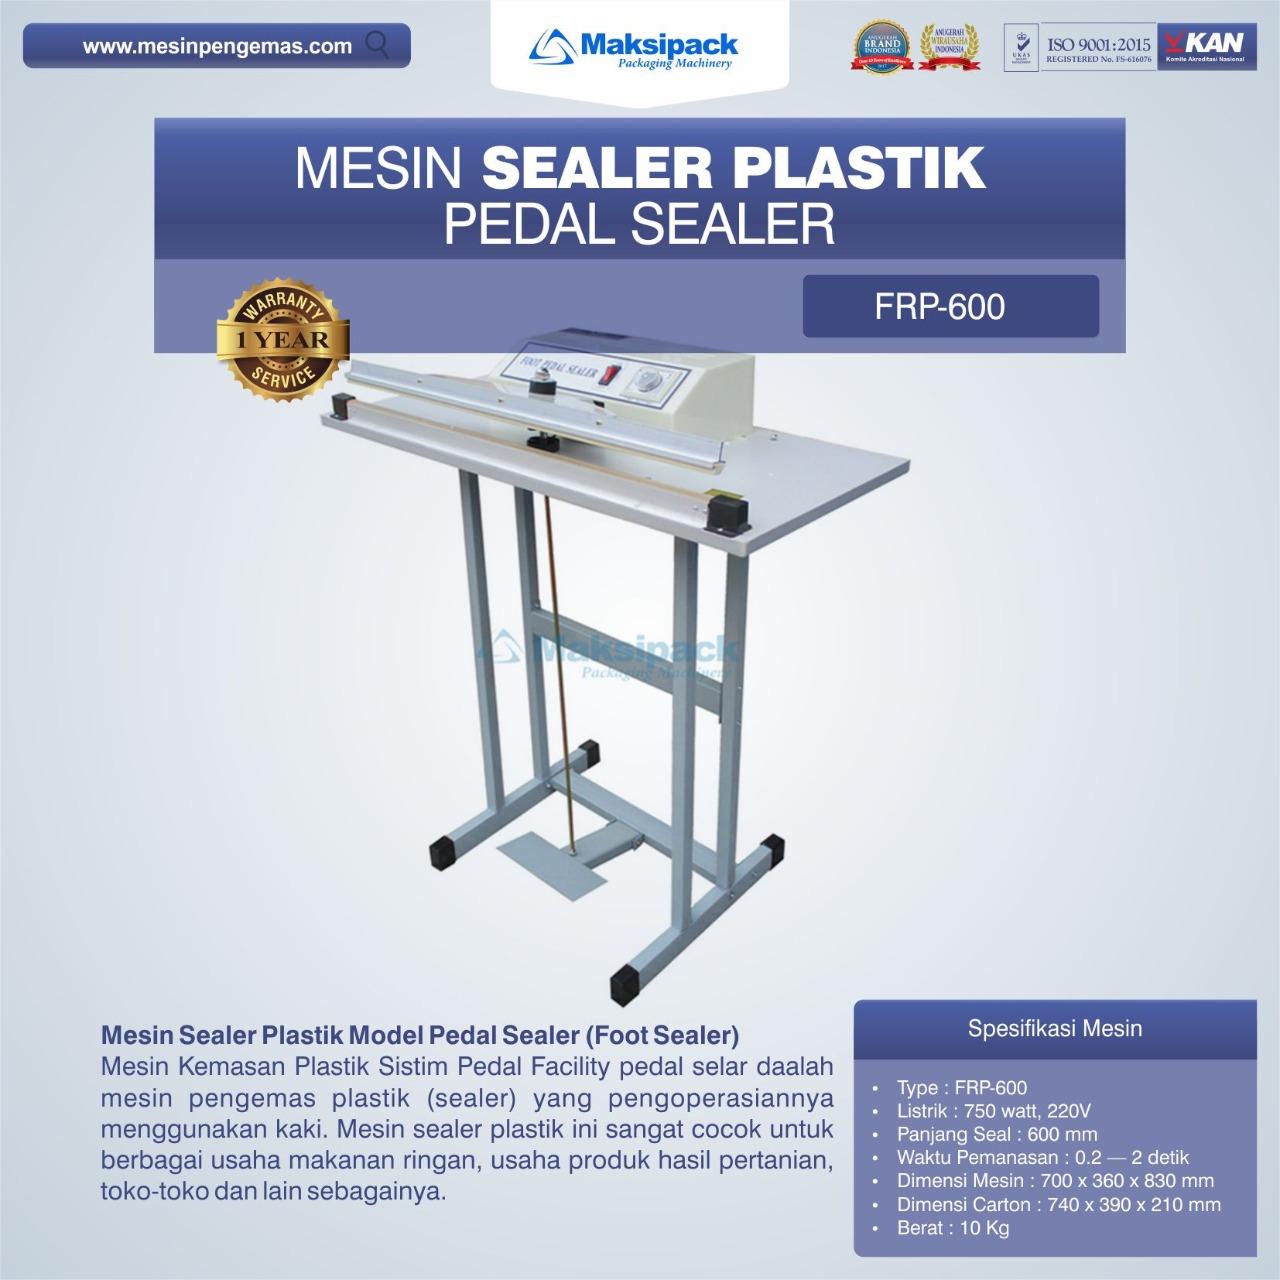 Jual Mesin Sealer Plastik Pedal Sealer FRP-600 di Blitar